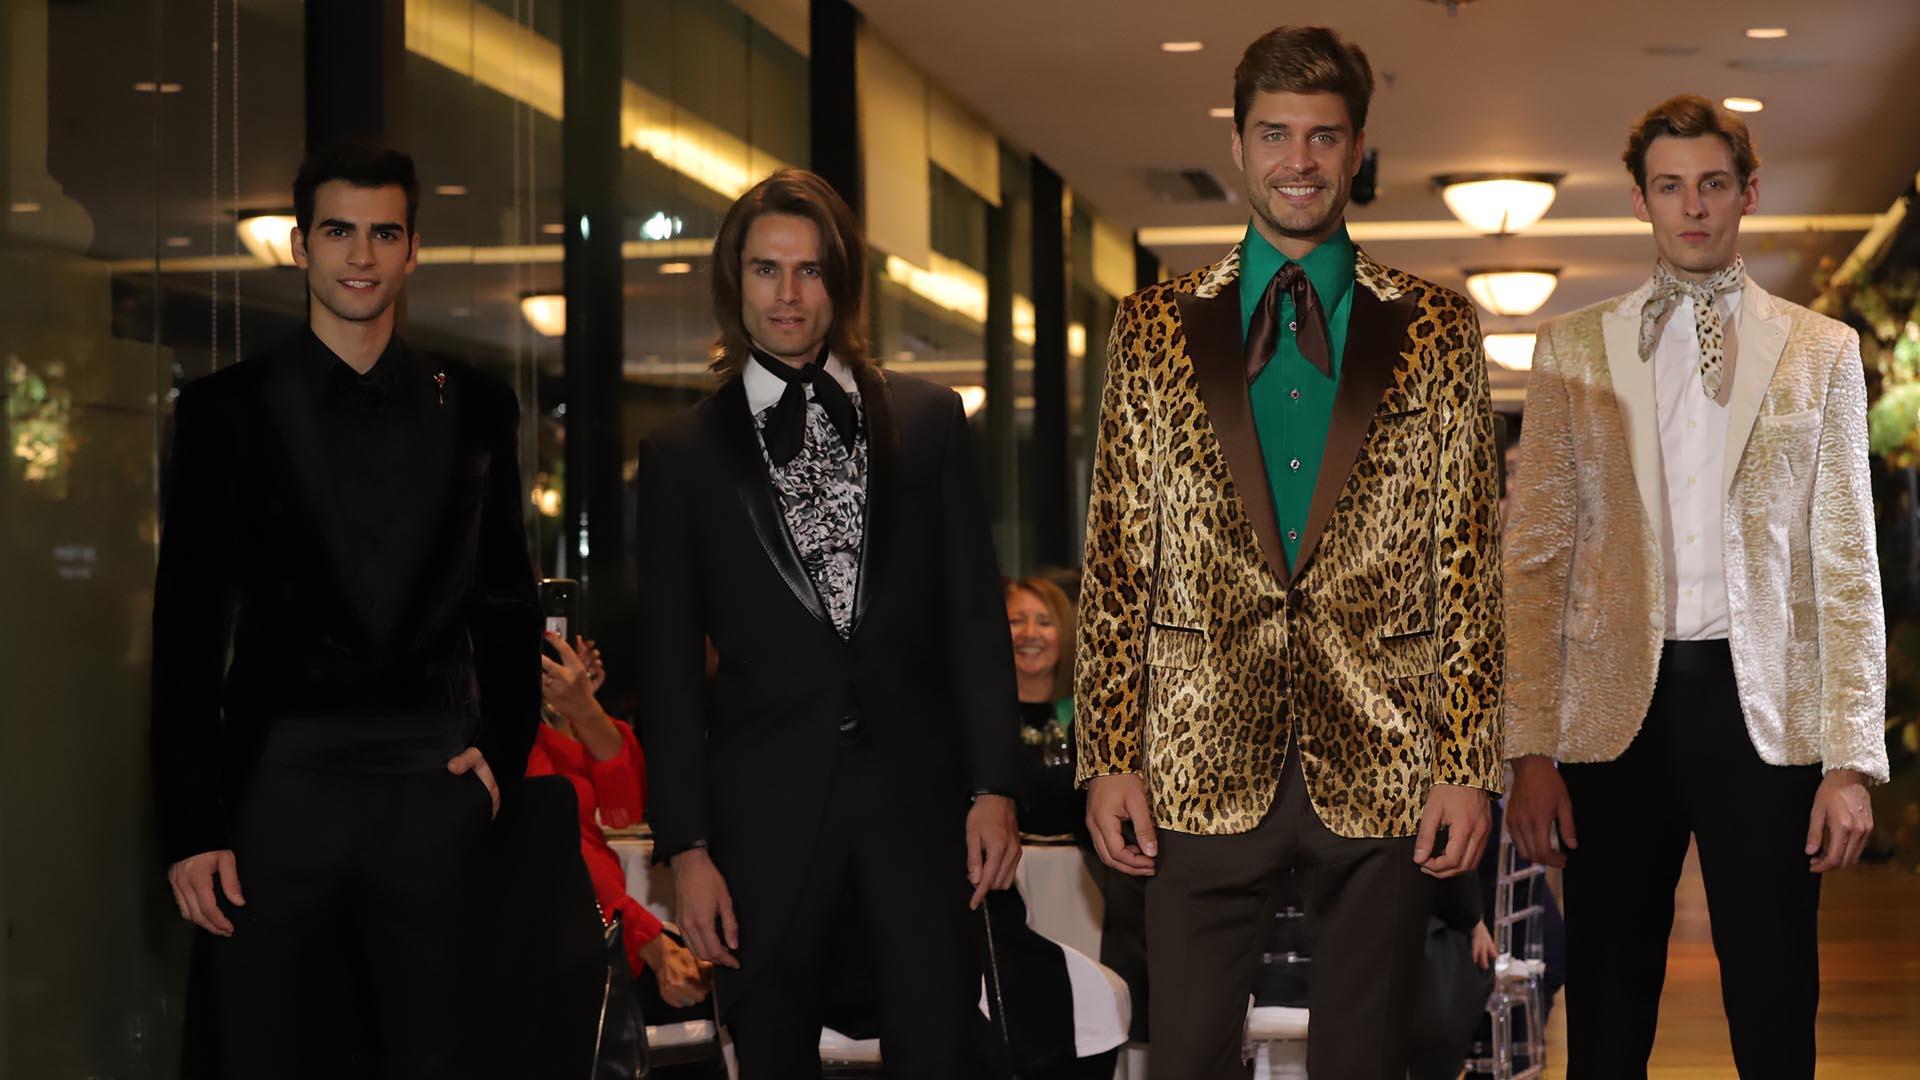 La moda masculina también dijo presente /// Fotos: Gentileza Alejandro Raineri RSVP